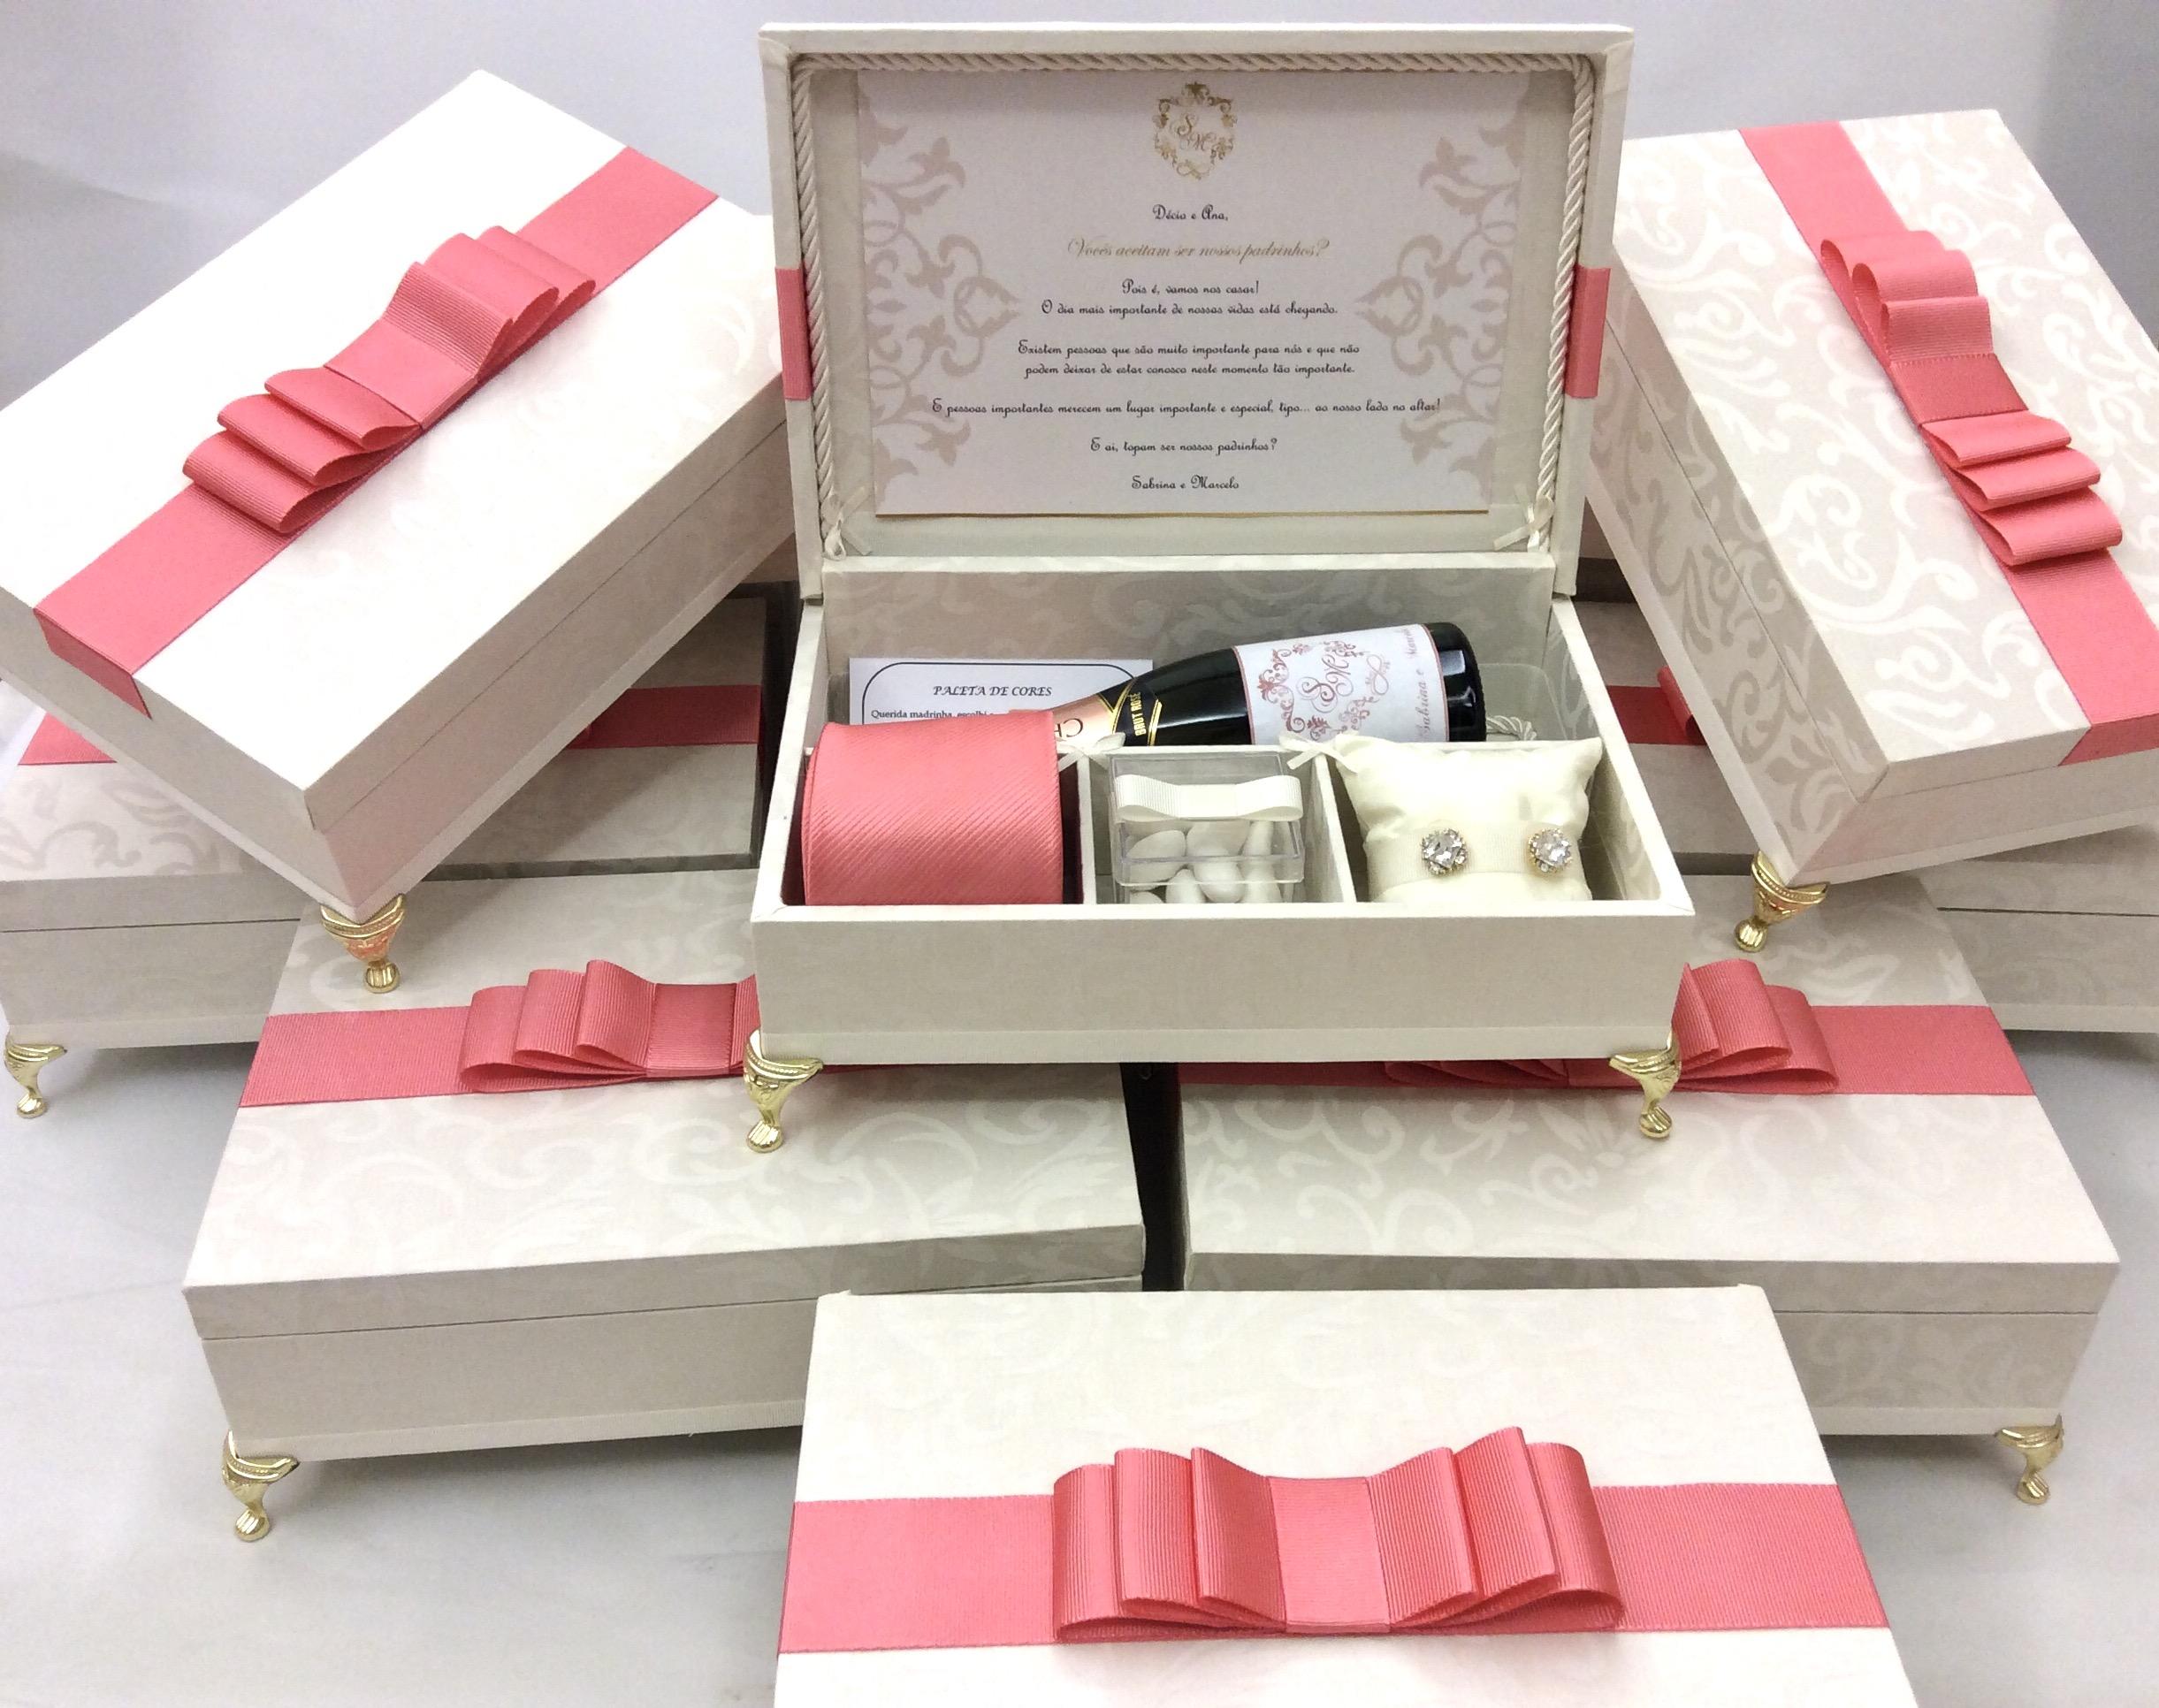 Convite em caixinhas com detalhes em rosa claro